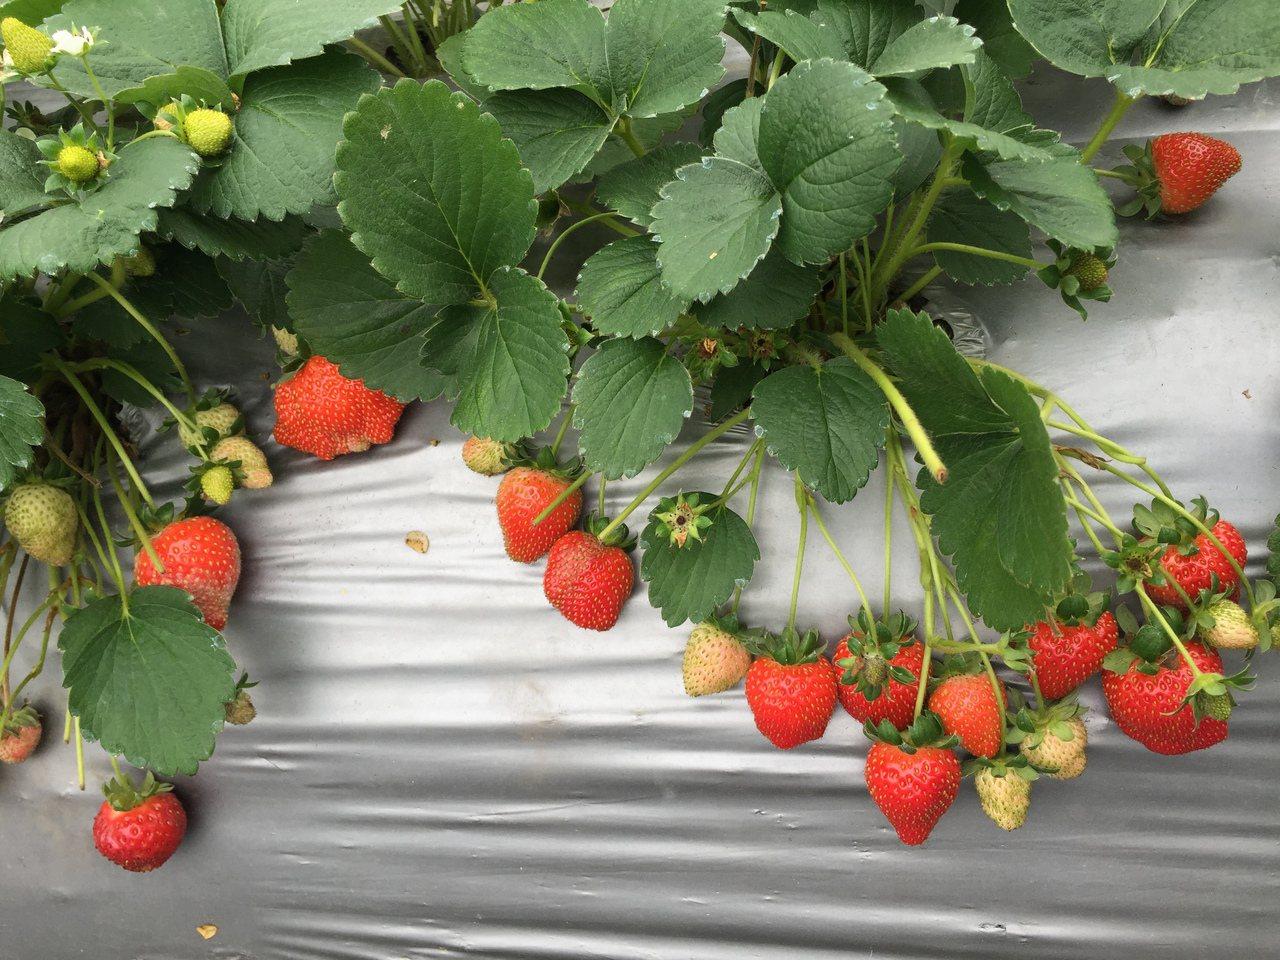 冬季正是草莓產季,民眾可以一起攜家帶眷,來一趟採草莓的輕旅行。 圖/產業發展局提...